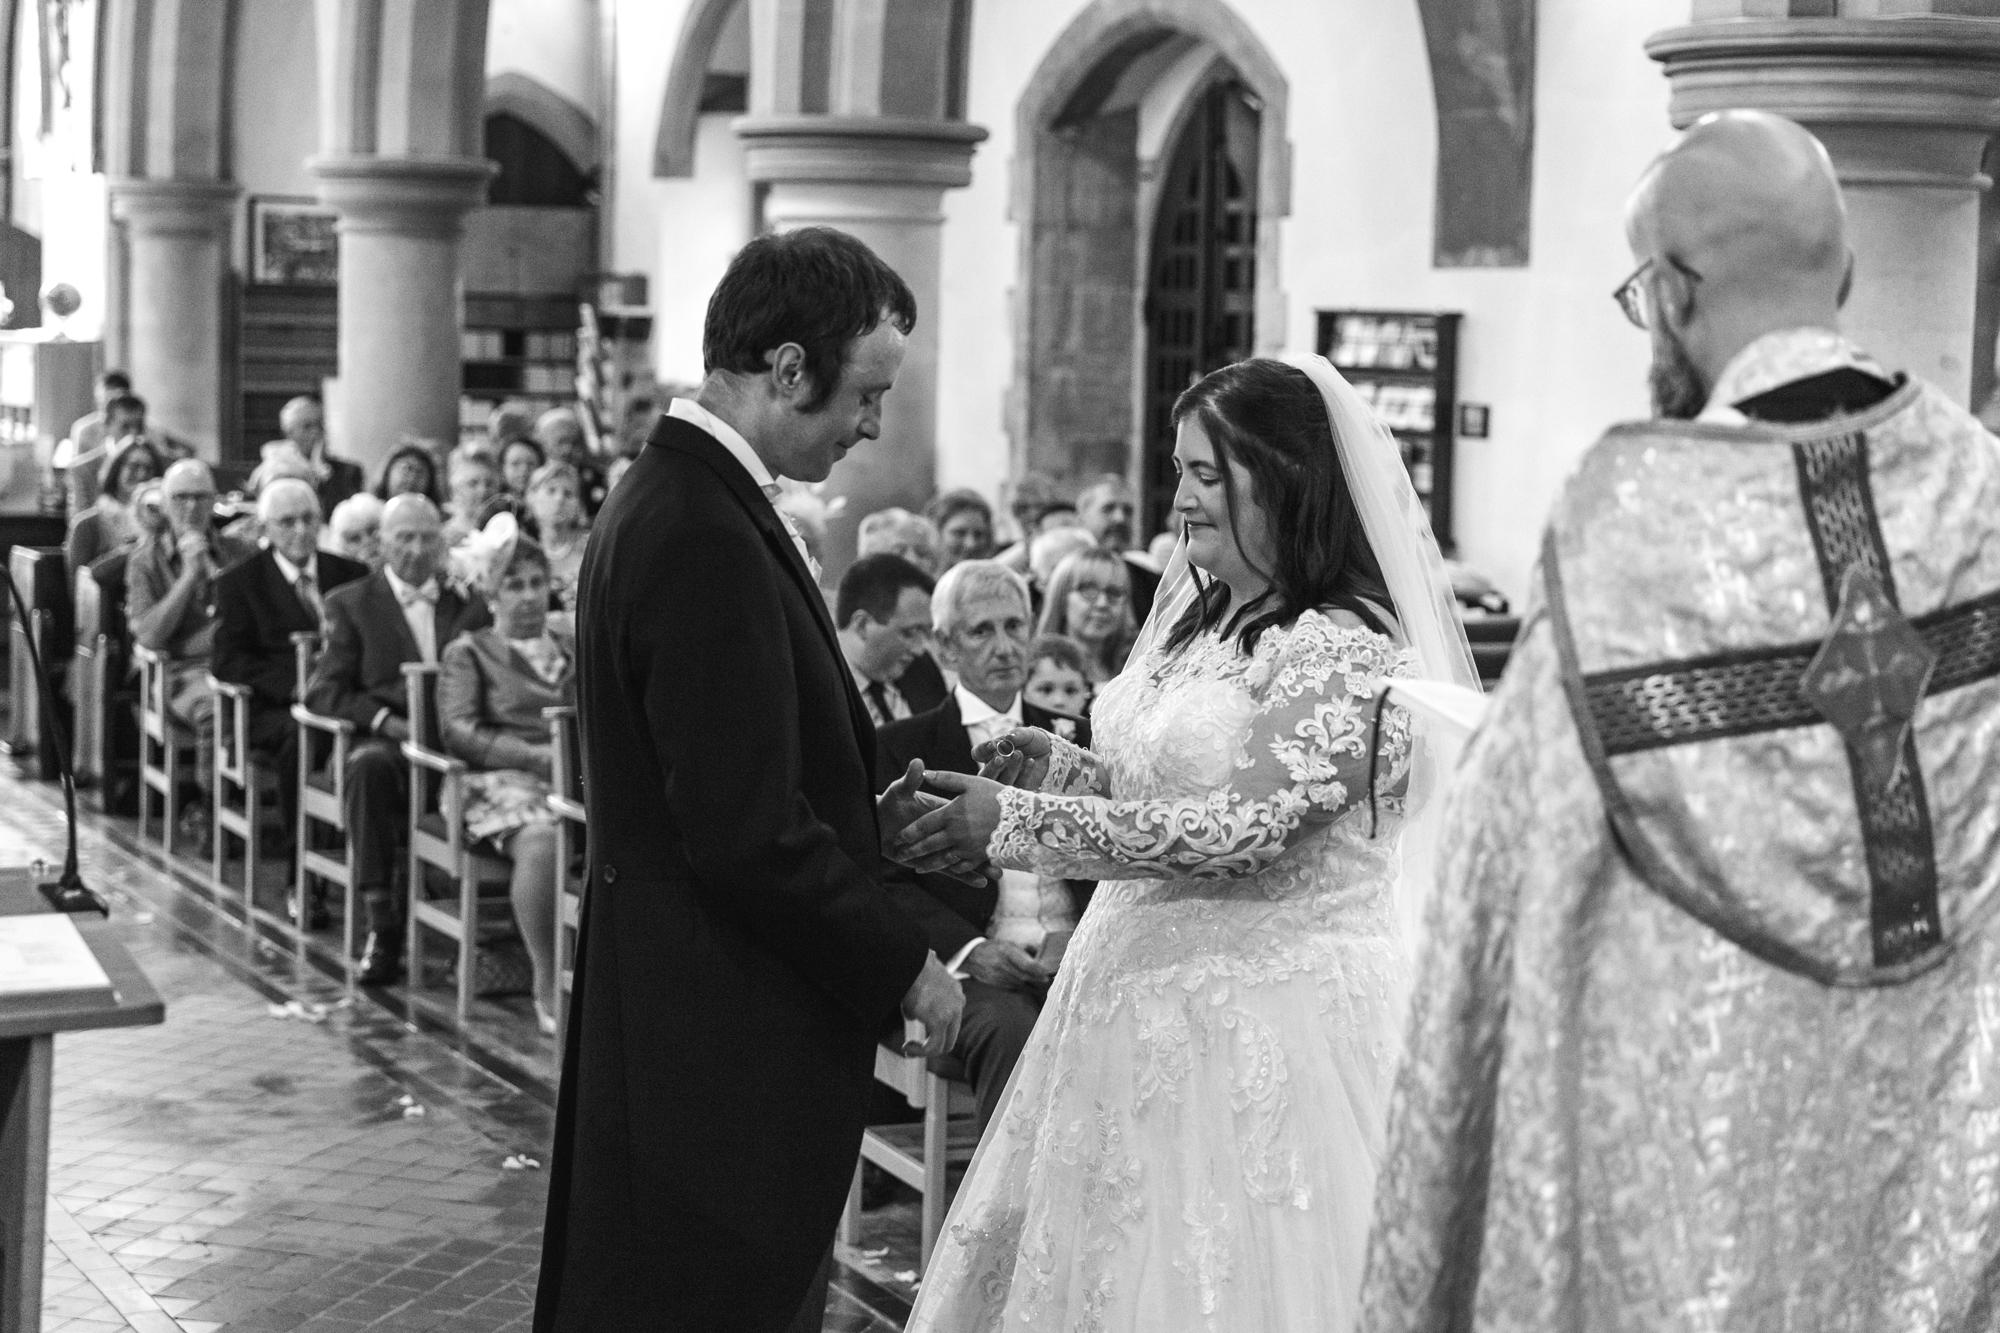 Wedding Vows at St Martins Church Caerphilly